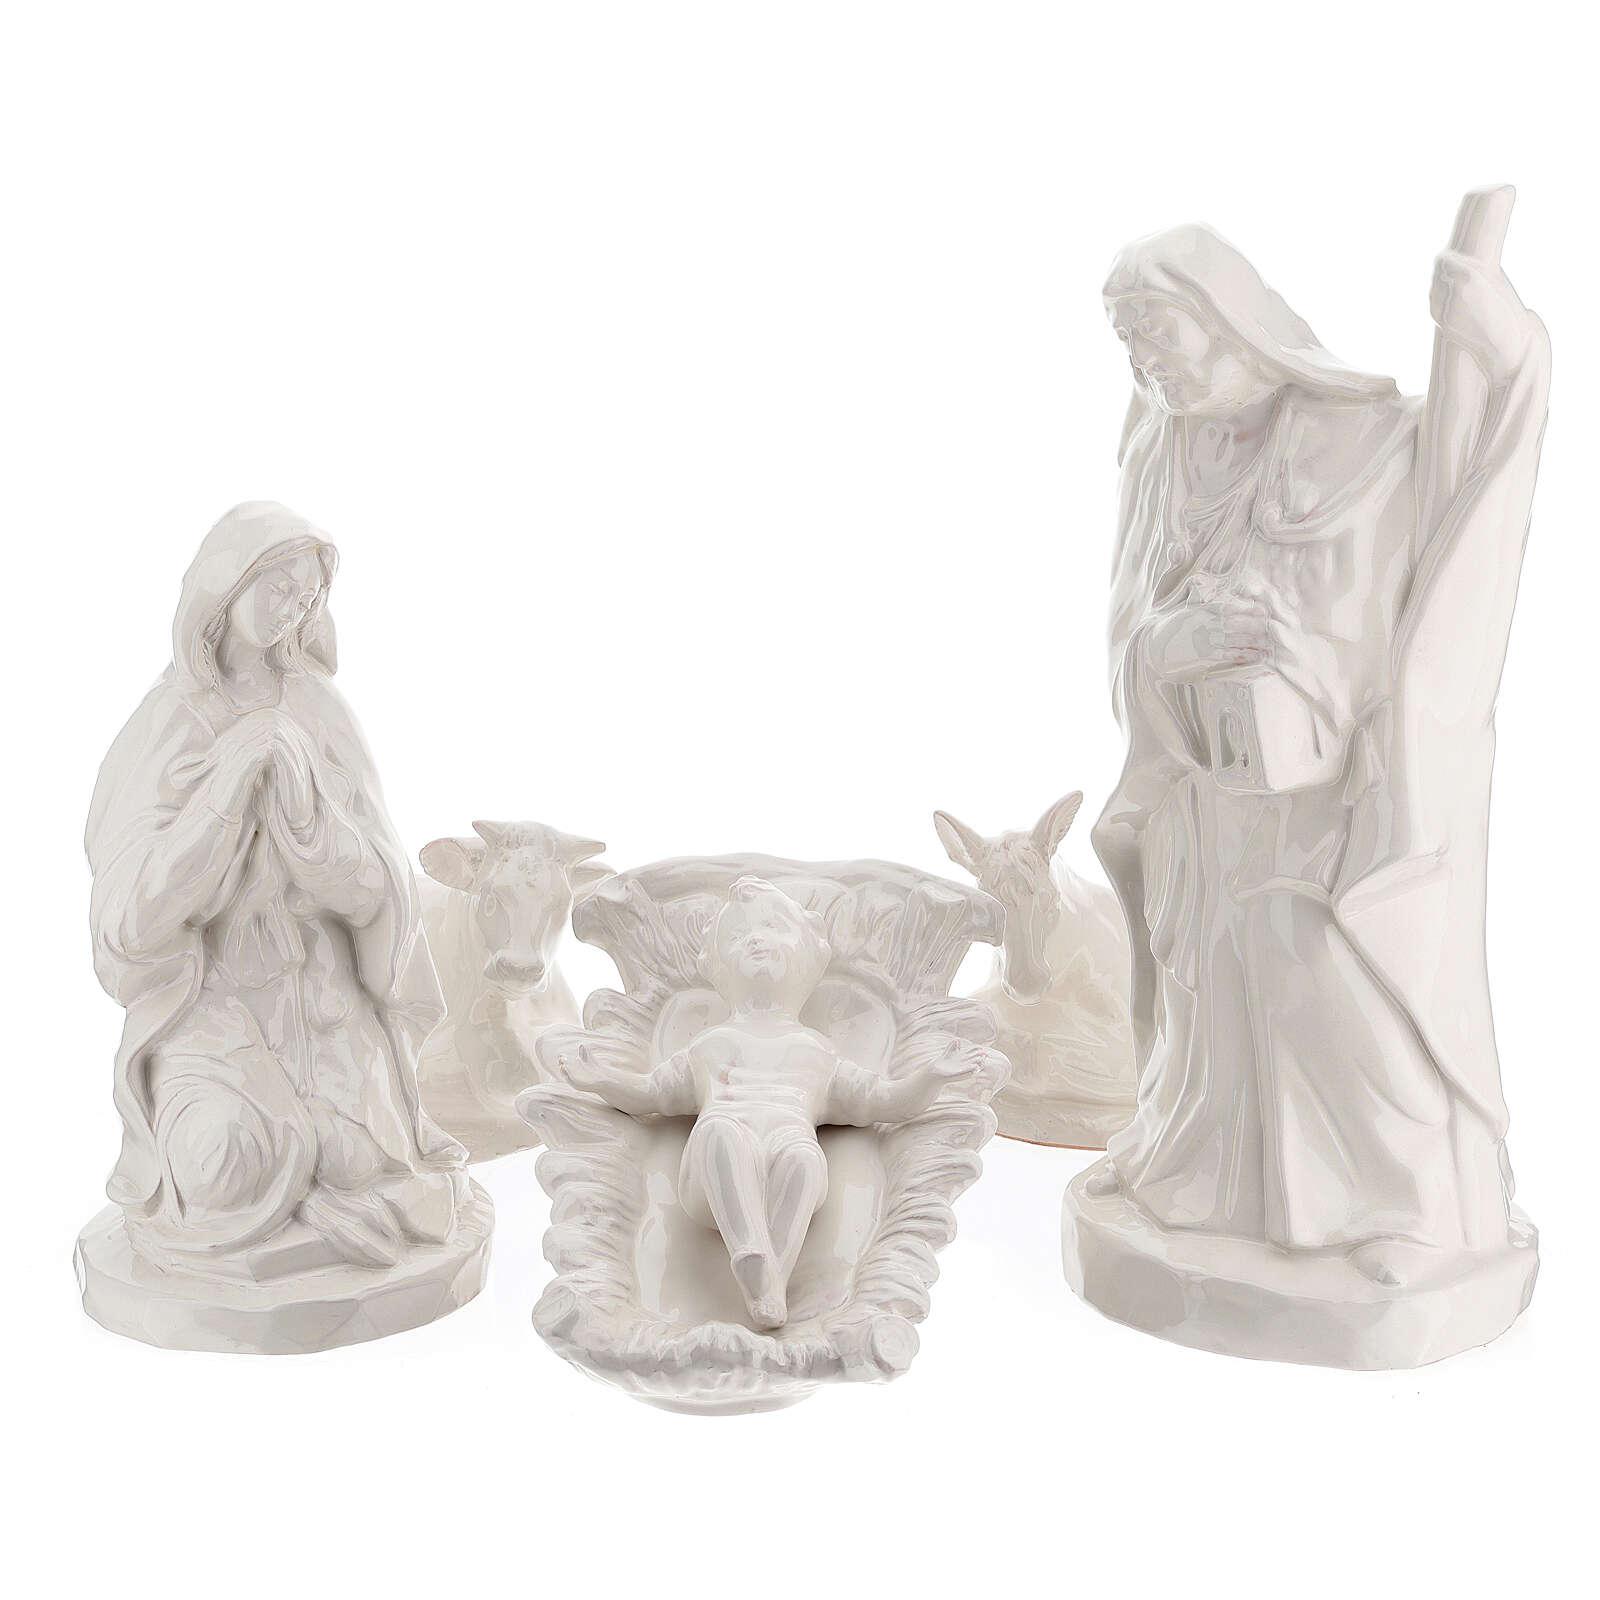 Crèche céramique blanche Nativité 5 pcs 50 cm Deruta 4